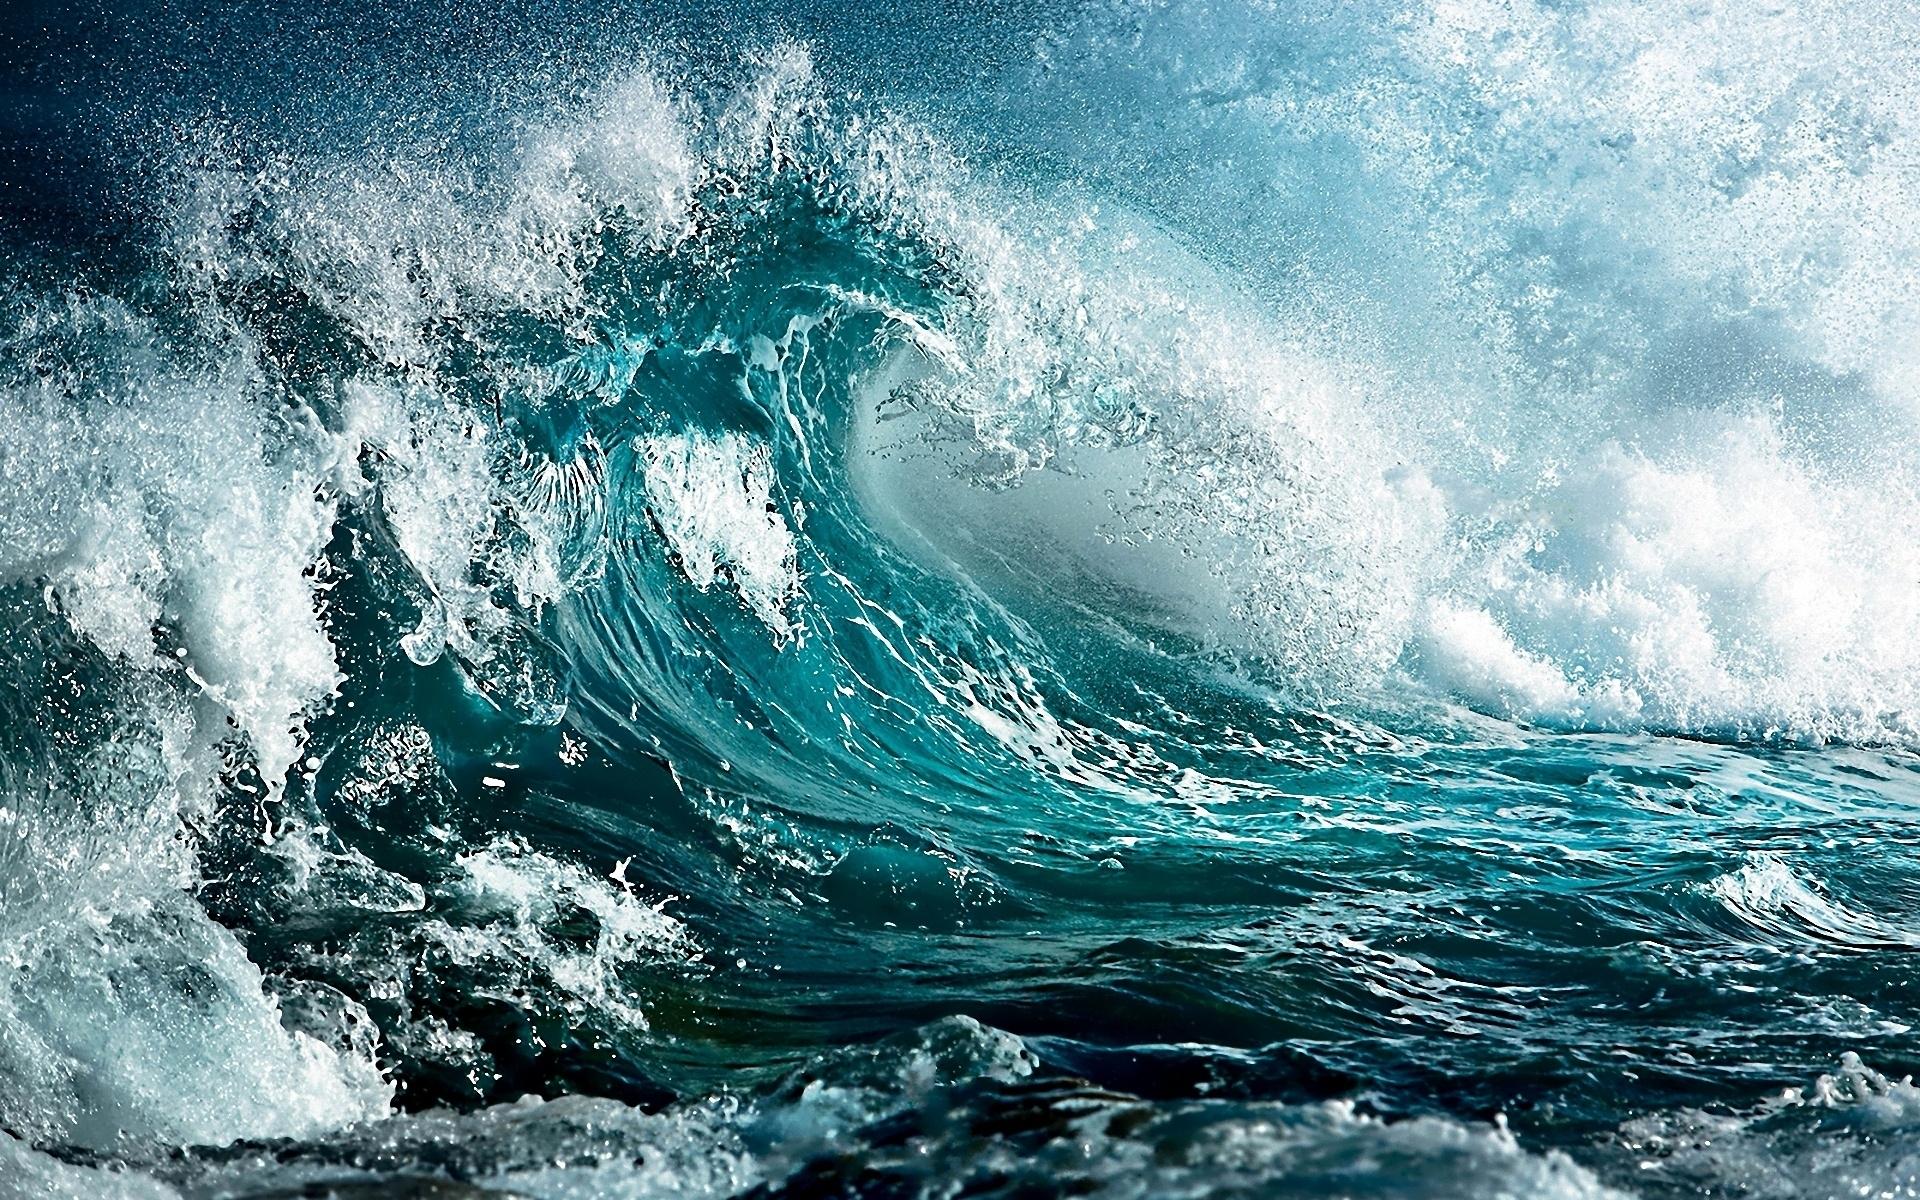 Wave In Storm Wallpaper 1920x1200